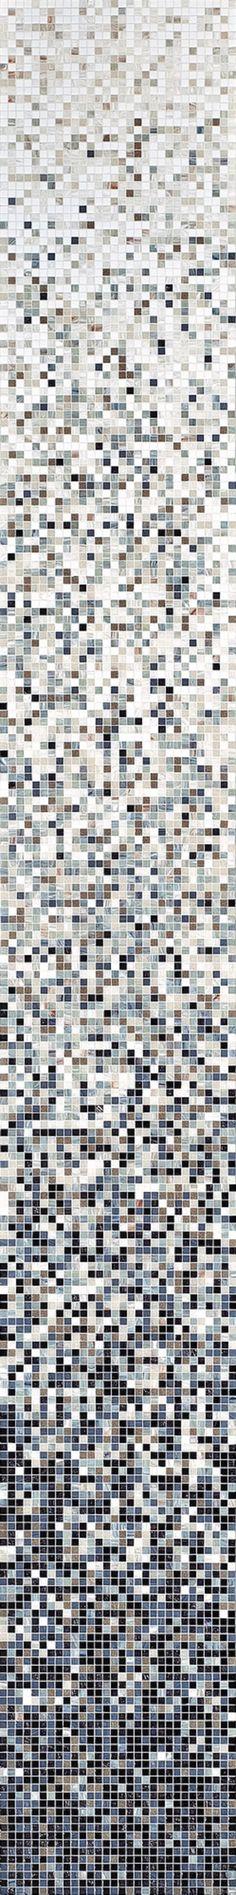 #Bisazza #Sfumature #Miscele 1x1 cm Caprifoglio | #Vetro | su #casaebagno.it a 247 Euro/collo | #mosaico #bagno #cucina